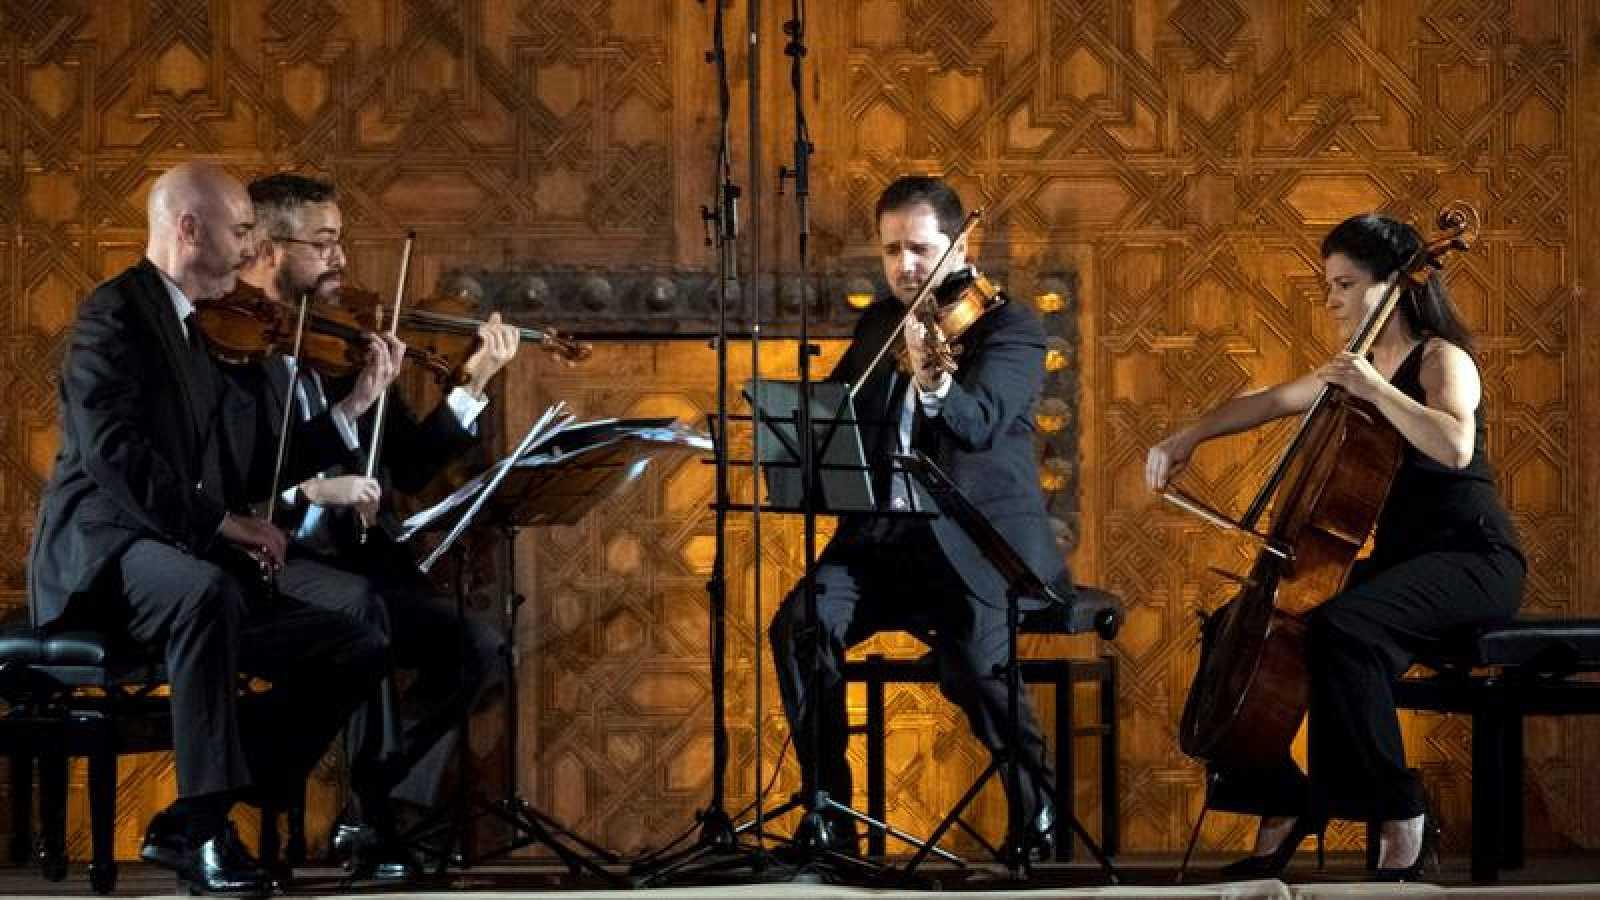 El Cuarteto Quiroga, cuarteto de cuerdas español de música clásica, durante una actuación en el patio de los Arrayanes de la Alhambra (Granada).